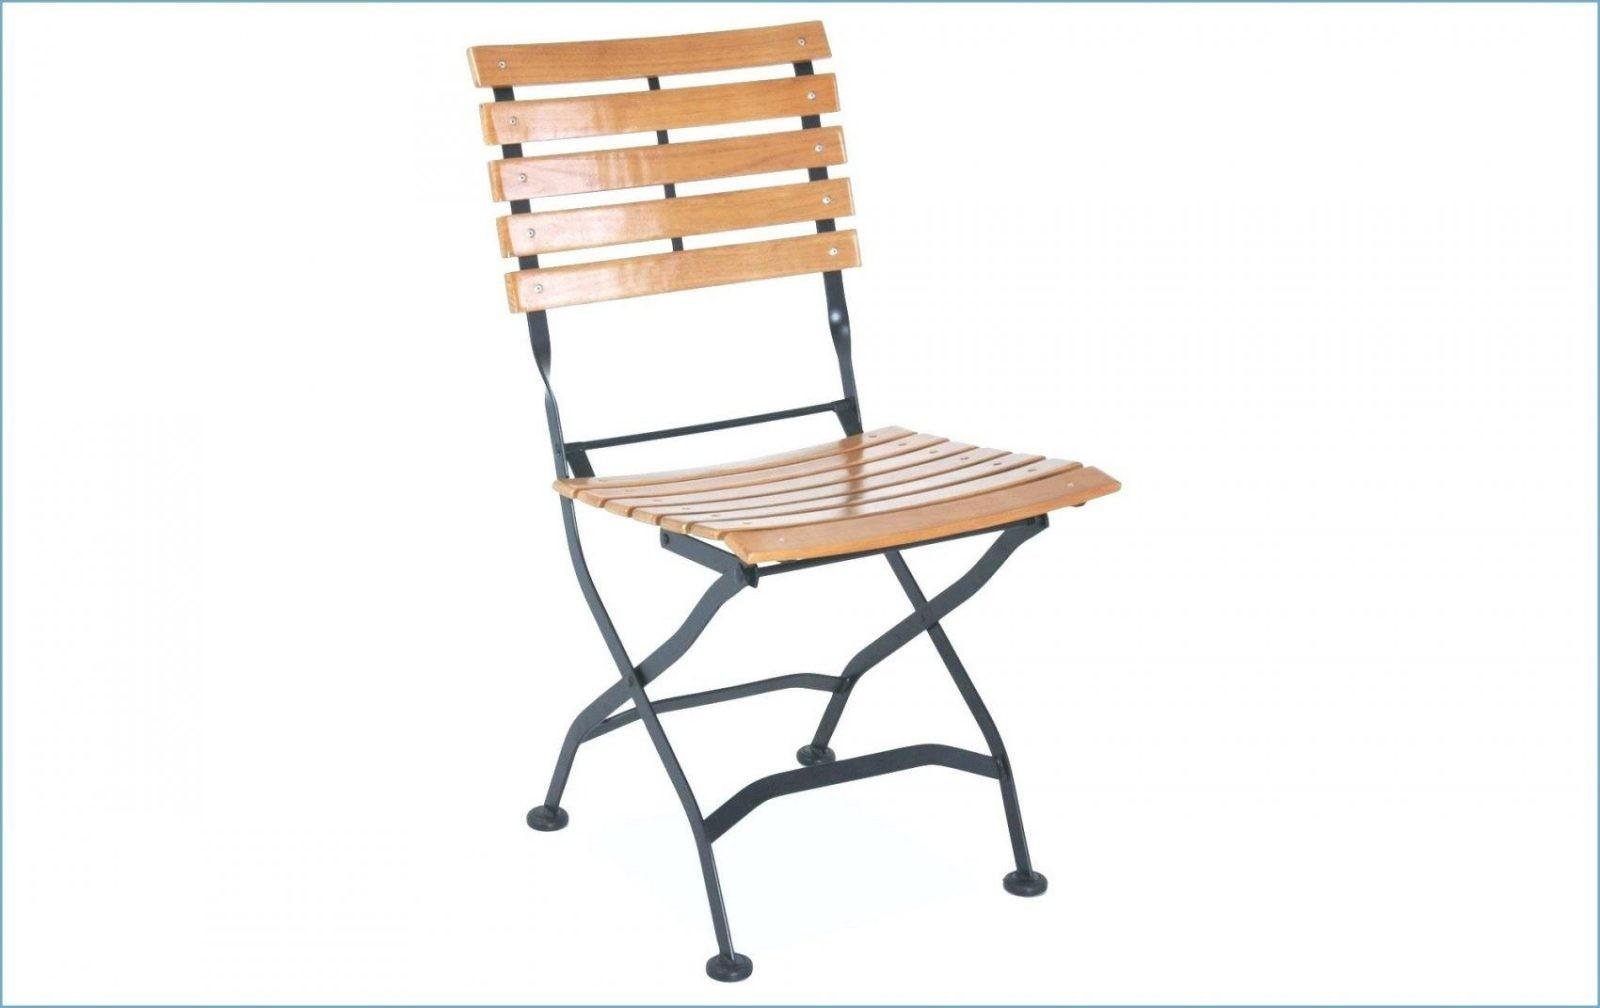 Gartenstuhle Holz Klappbar Fresh Fantastisch 40 Gartenstühle Metall von Gartenstühle Metall Holz Klappbar Bild